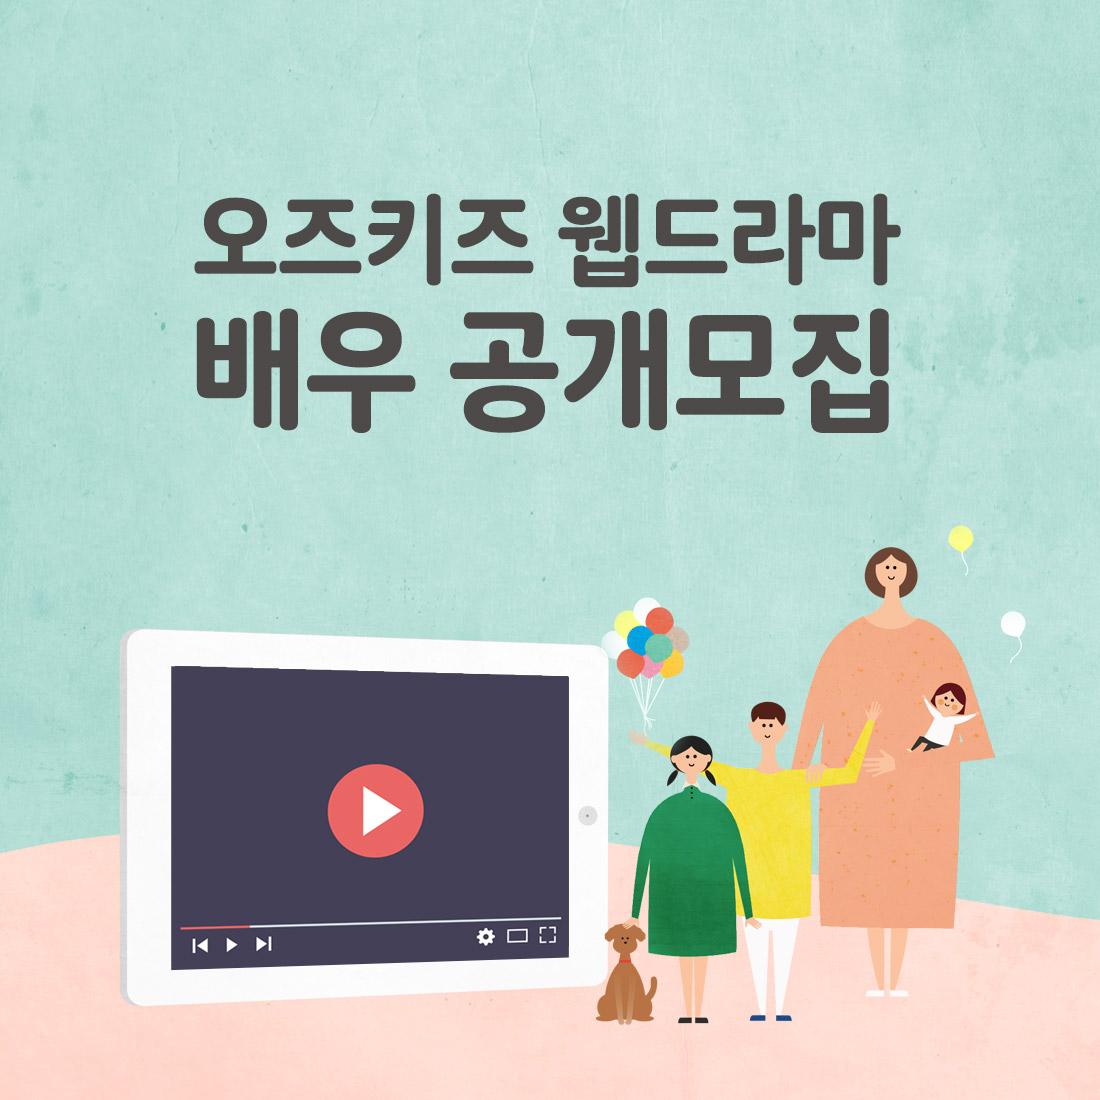 오즈키즈,웹드라마,오즈키즈웹드라마,오즈키즈배우모집